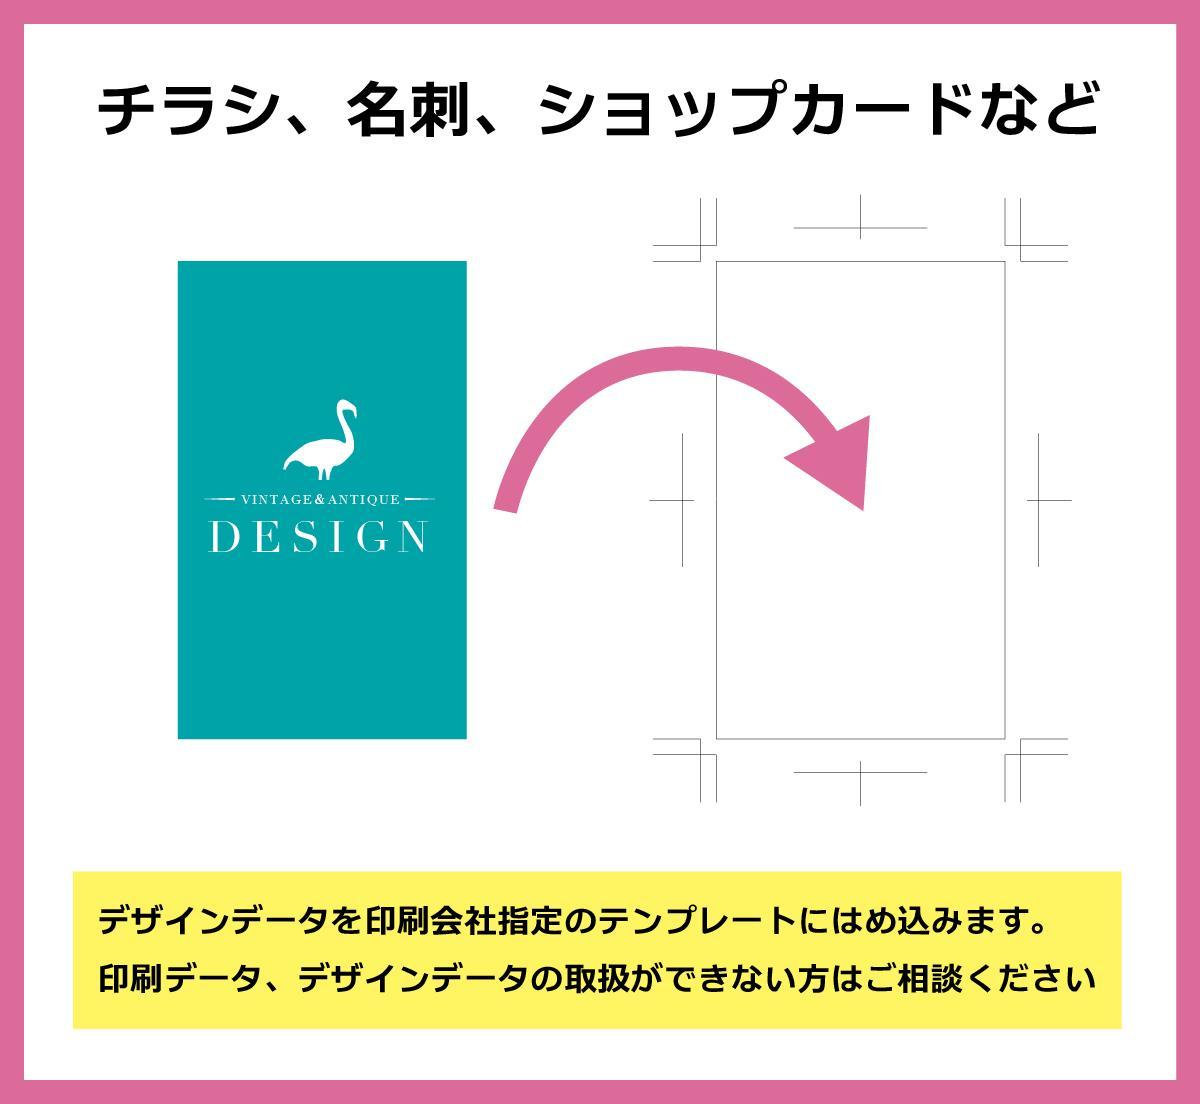 デザインデータを印刷テンプレートにはめ込みます 印刷データ、デザインデータの取扱ができない方へ